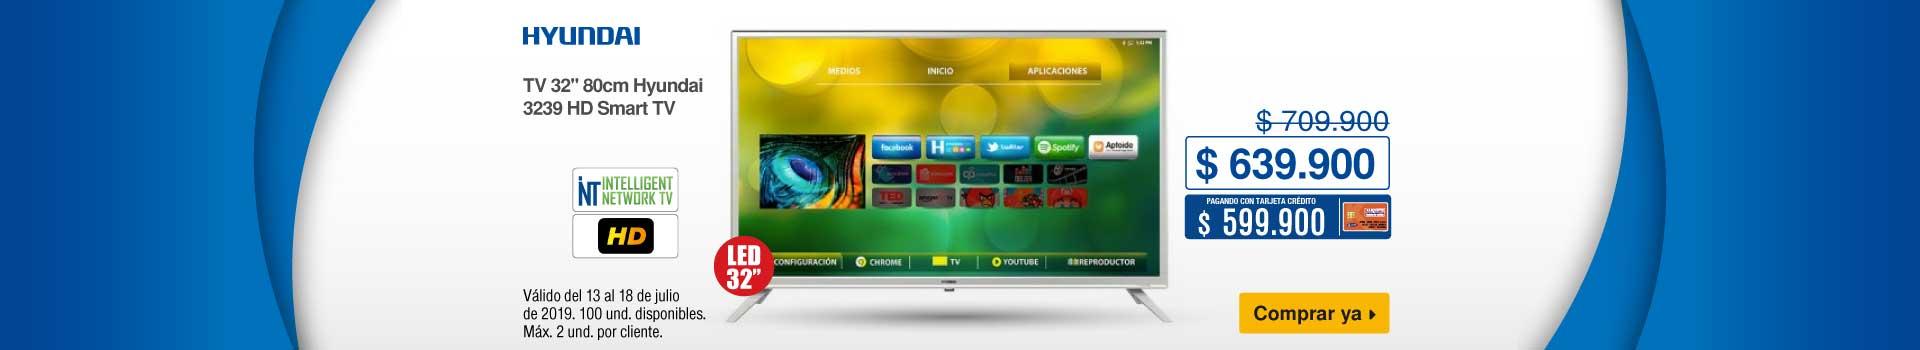 AK-KT-TV-HYUNDAI-3239-Categoria_Televisores3-13JUL